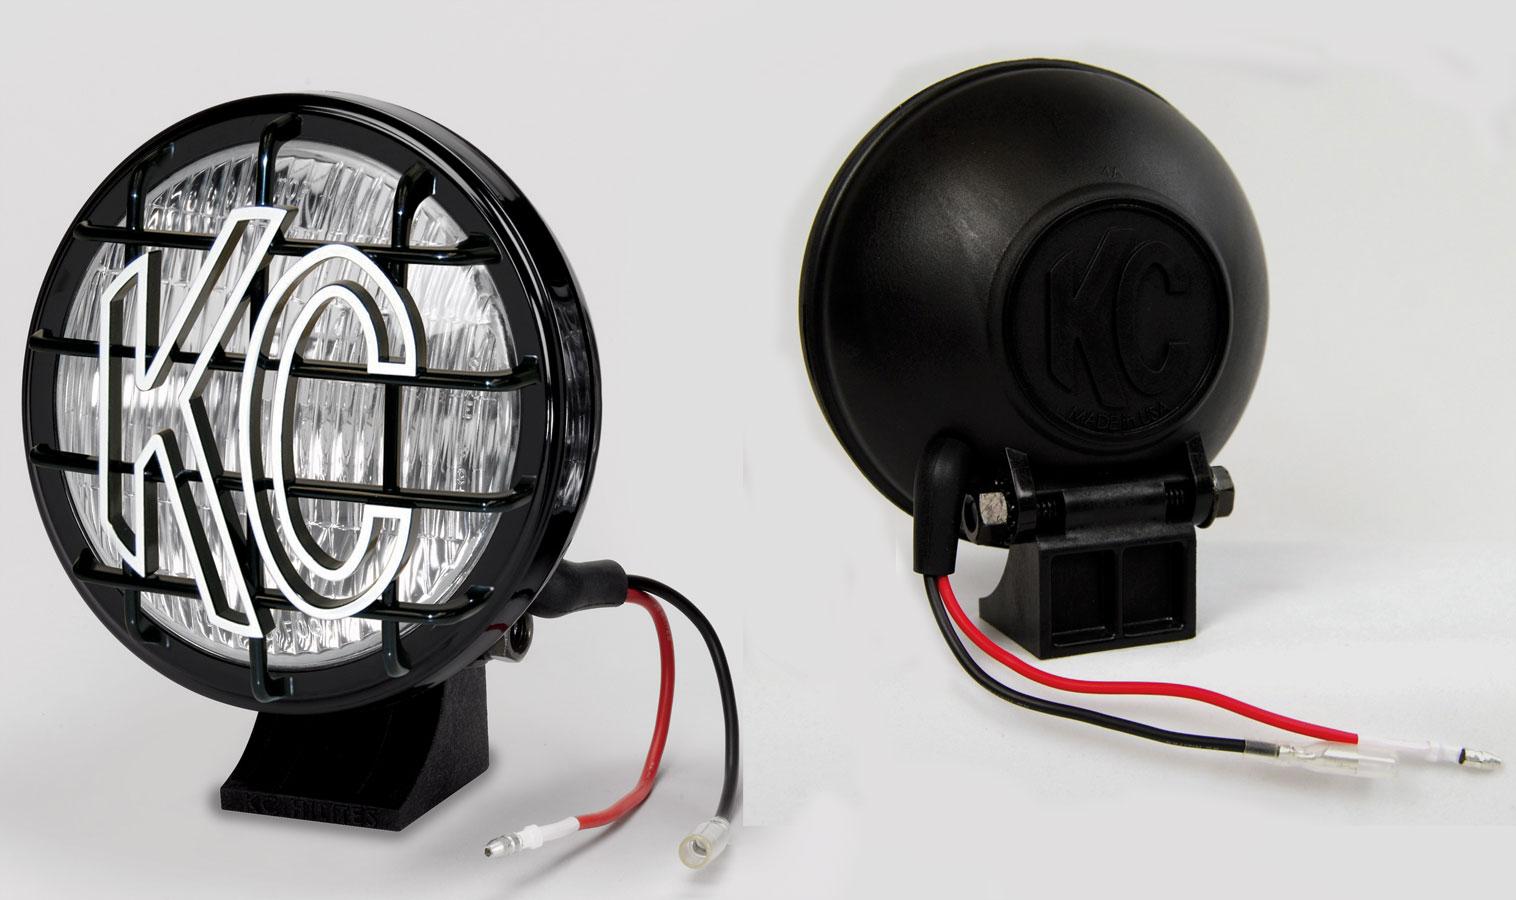 kc 151 apollo pro halogen lights. Black Bedroom Furniture Sets. Home Design Ideas